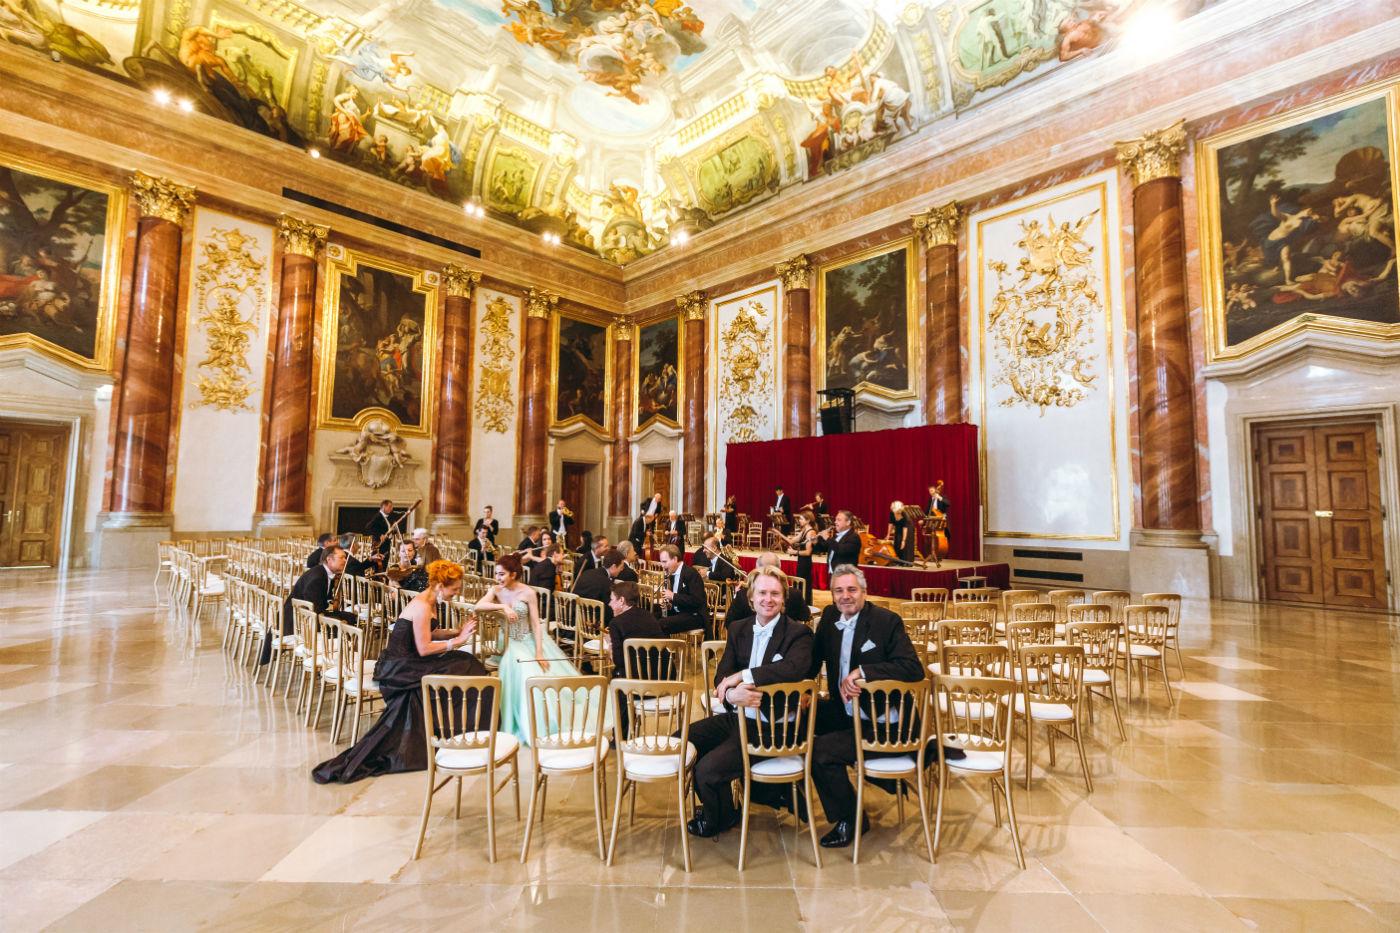 Wiener Hofburg Orchester bei der Probe zum Neujahrskonzert im Palais Liechtenstein